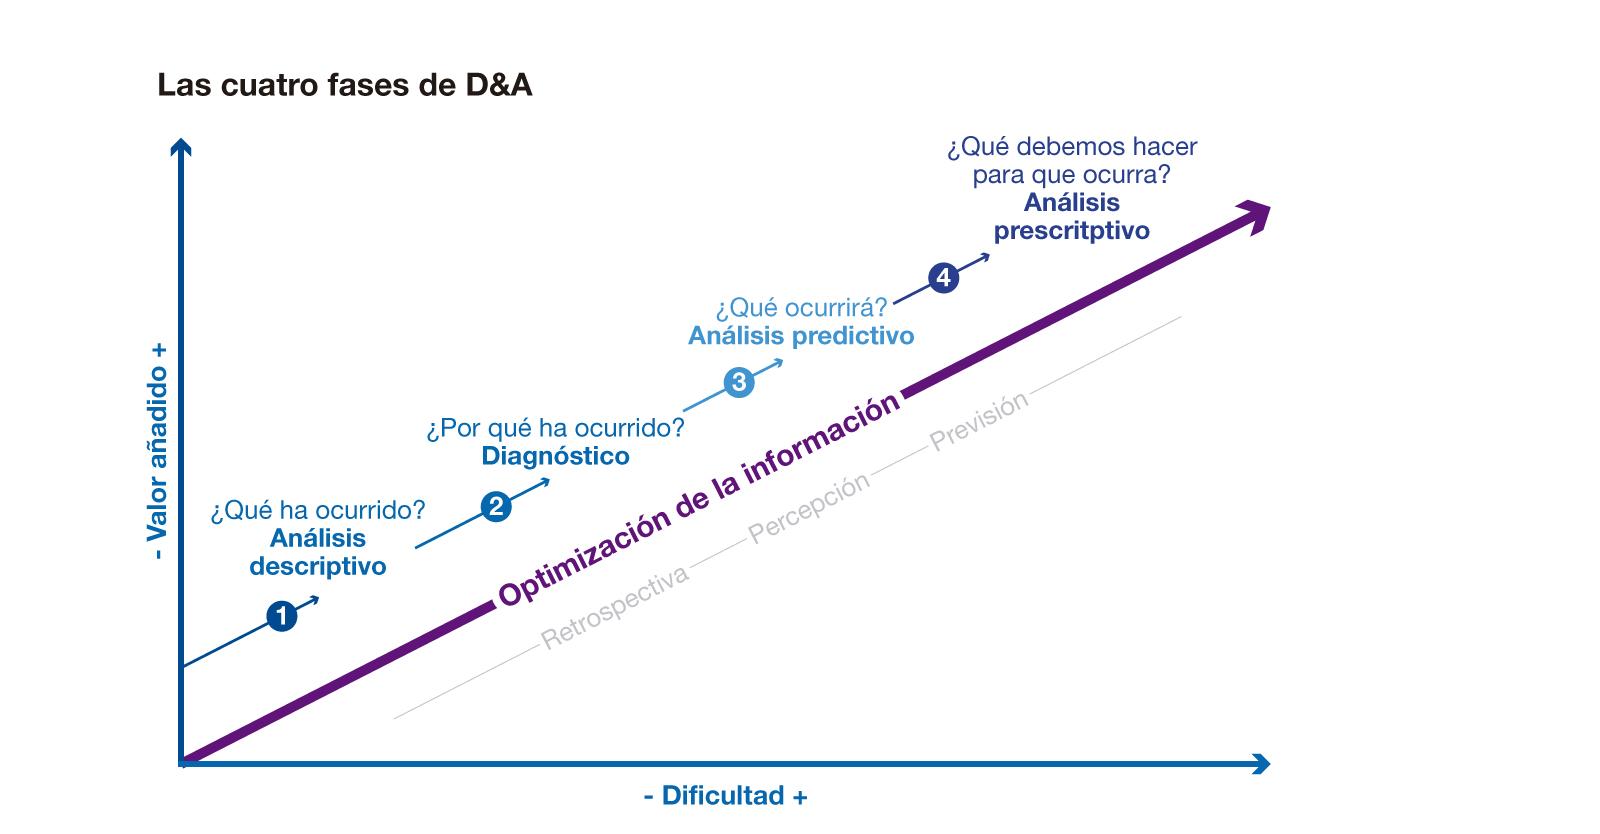 Las cuatro fases de Data & Analytics